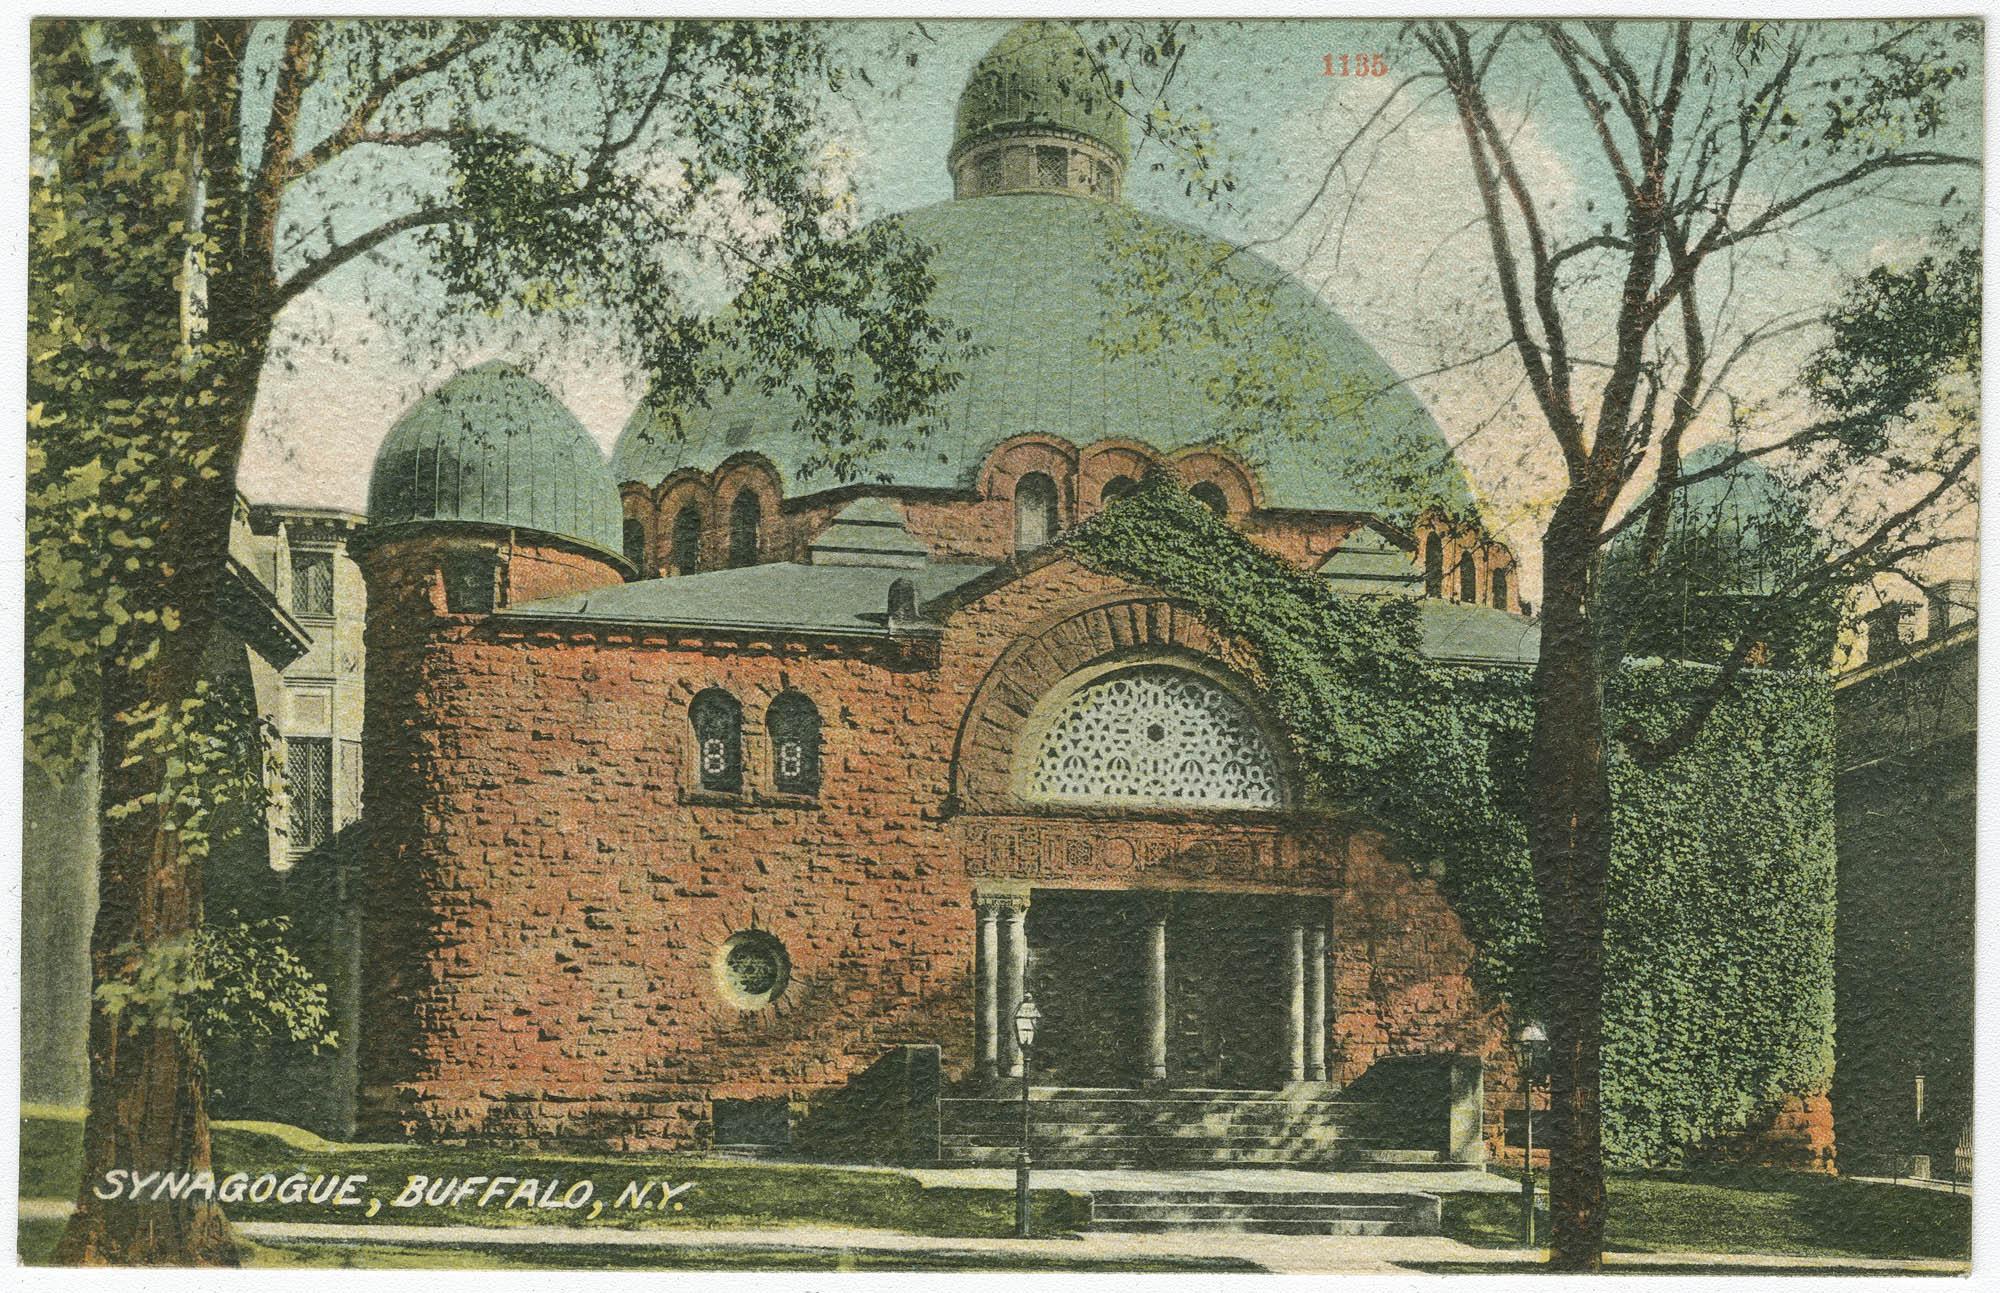 Synagogue, Buffalo, N.Y.